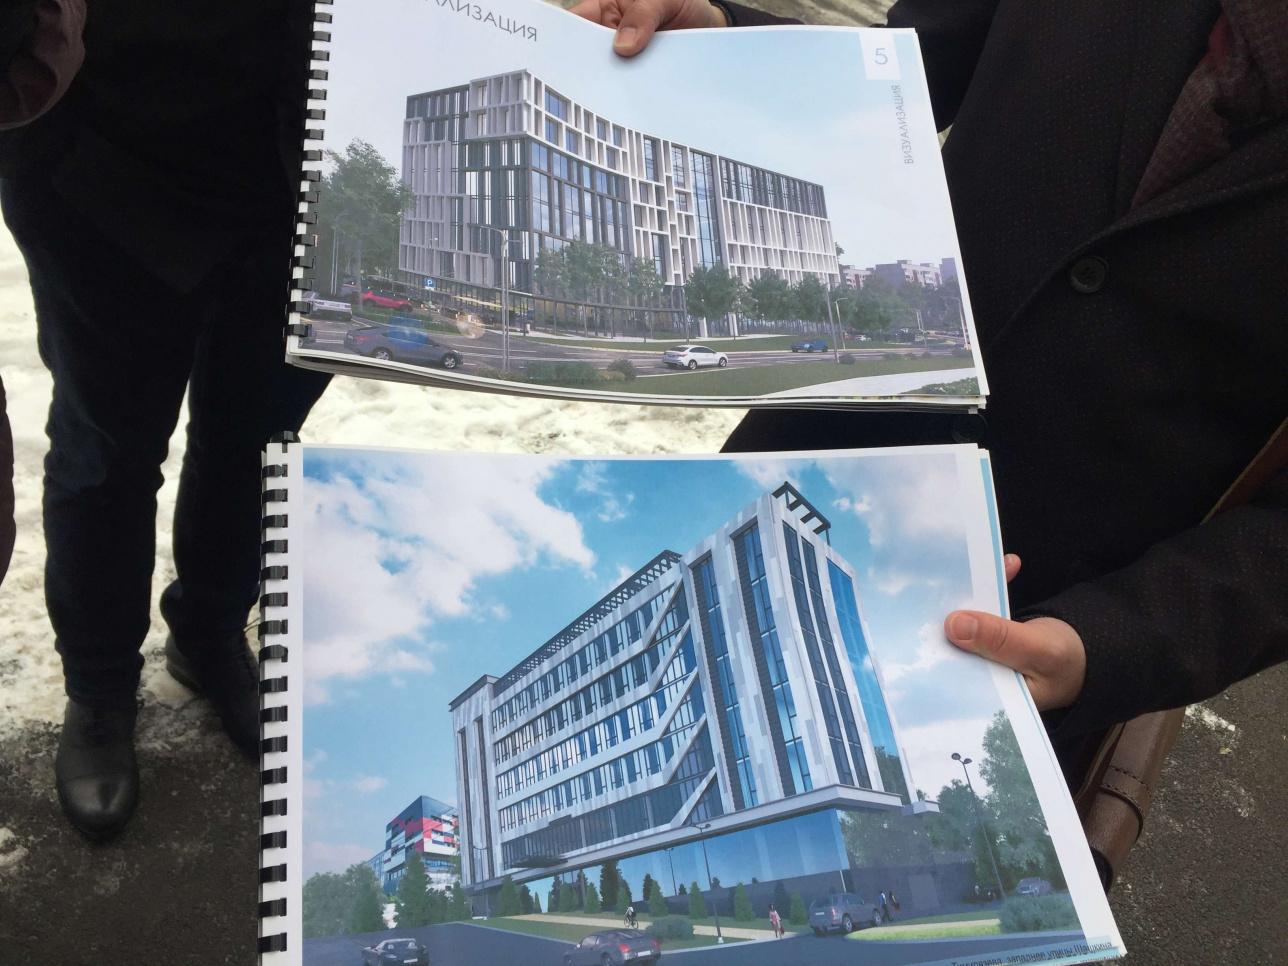 Верхний проект 2020 года, нижний 2018 года. Вот так будет выглядеть многоярусная парковка с объектами обслуживания населения и гостиница